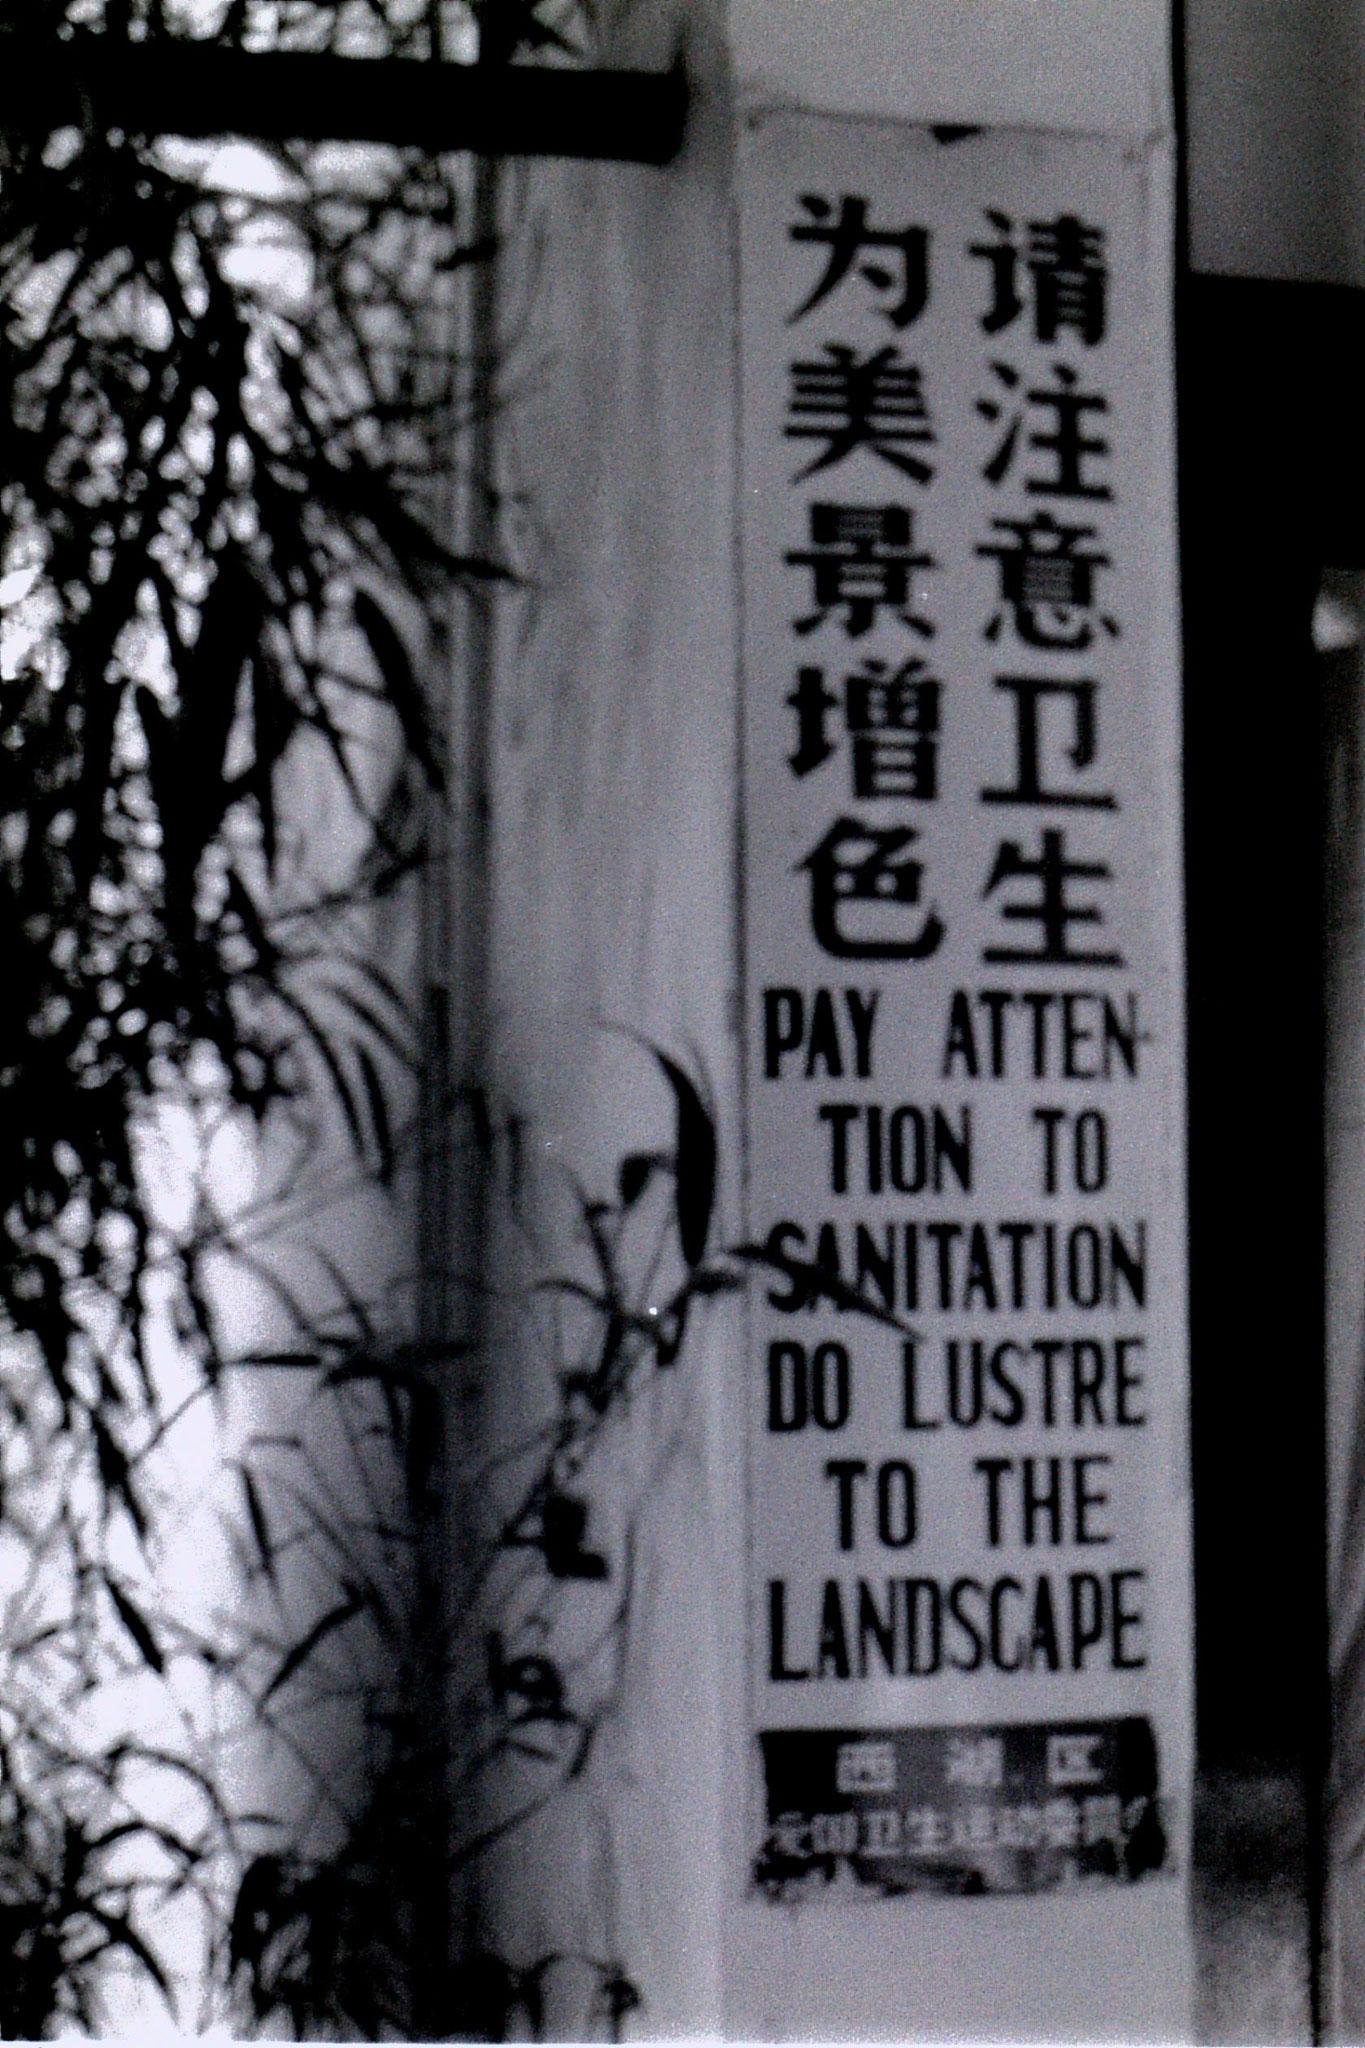 1/6/1989: 9: Botanic Garden